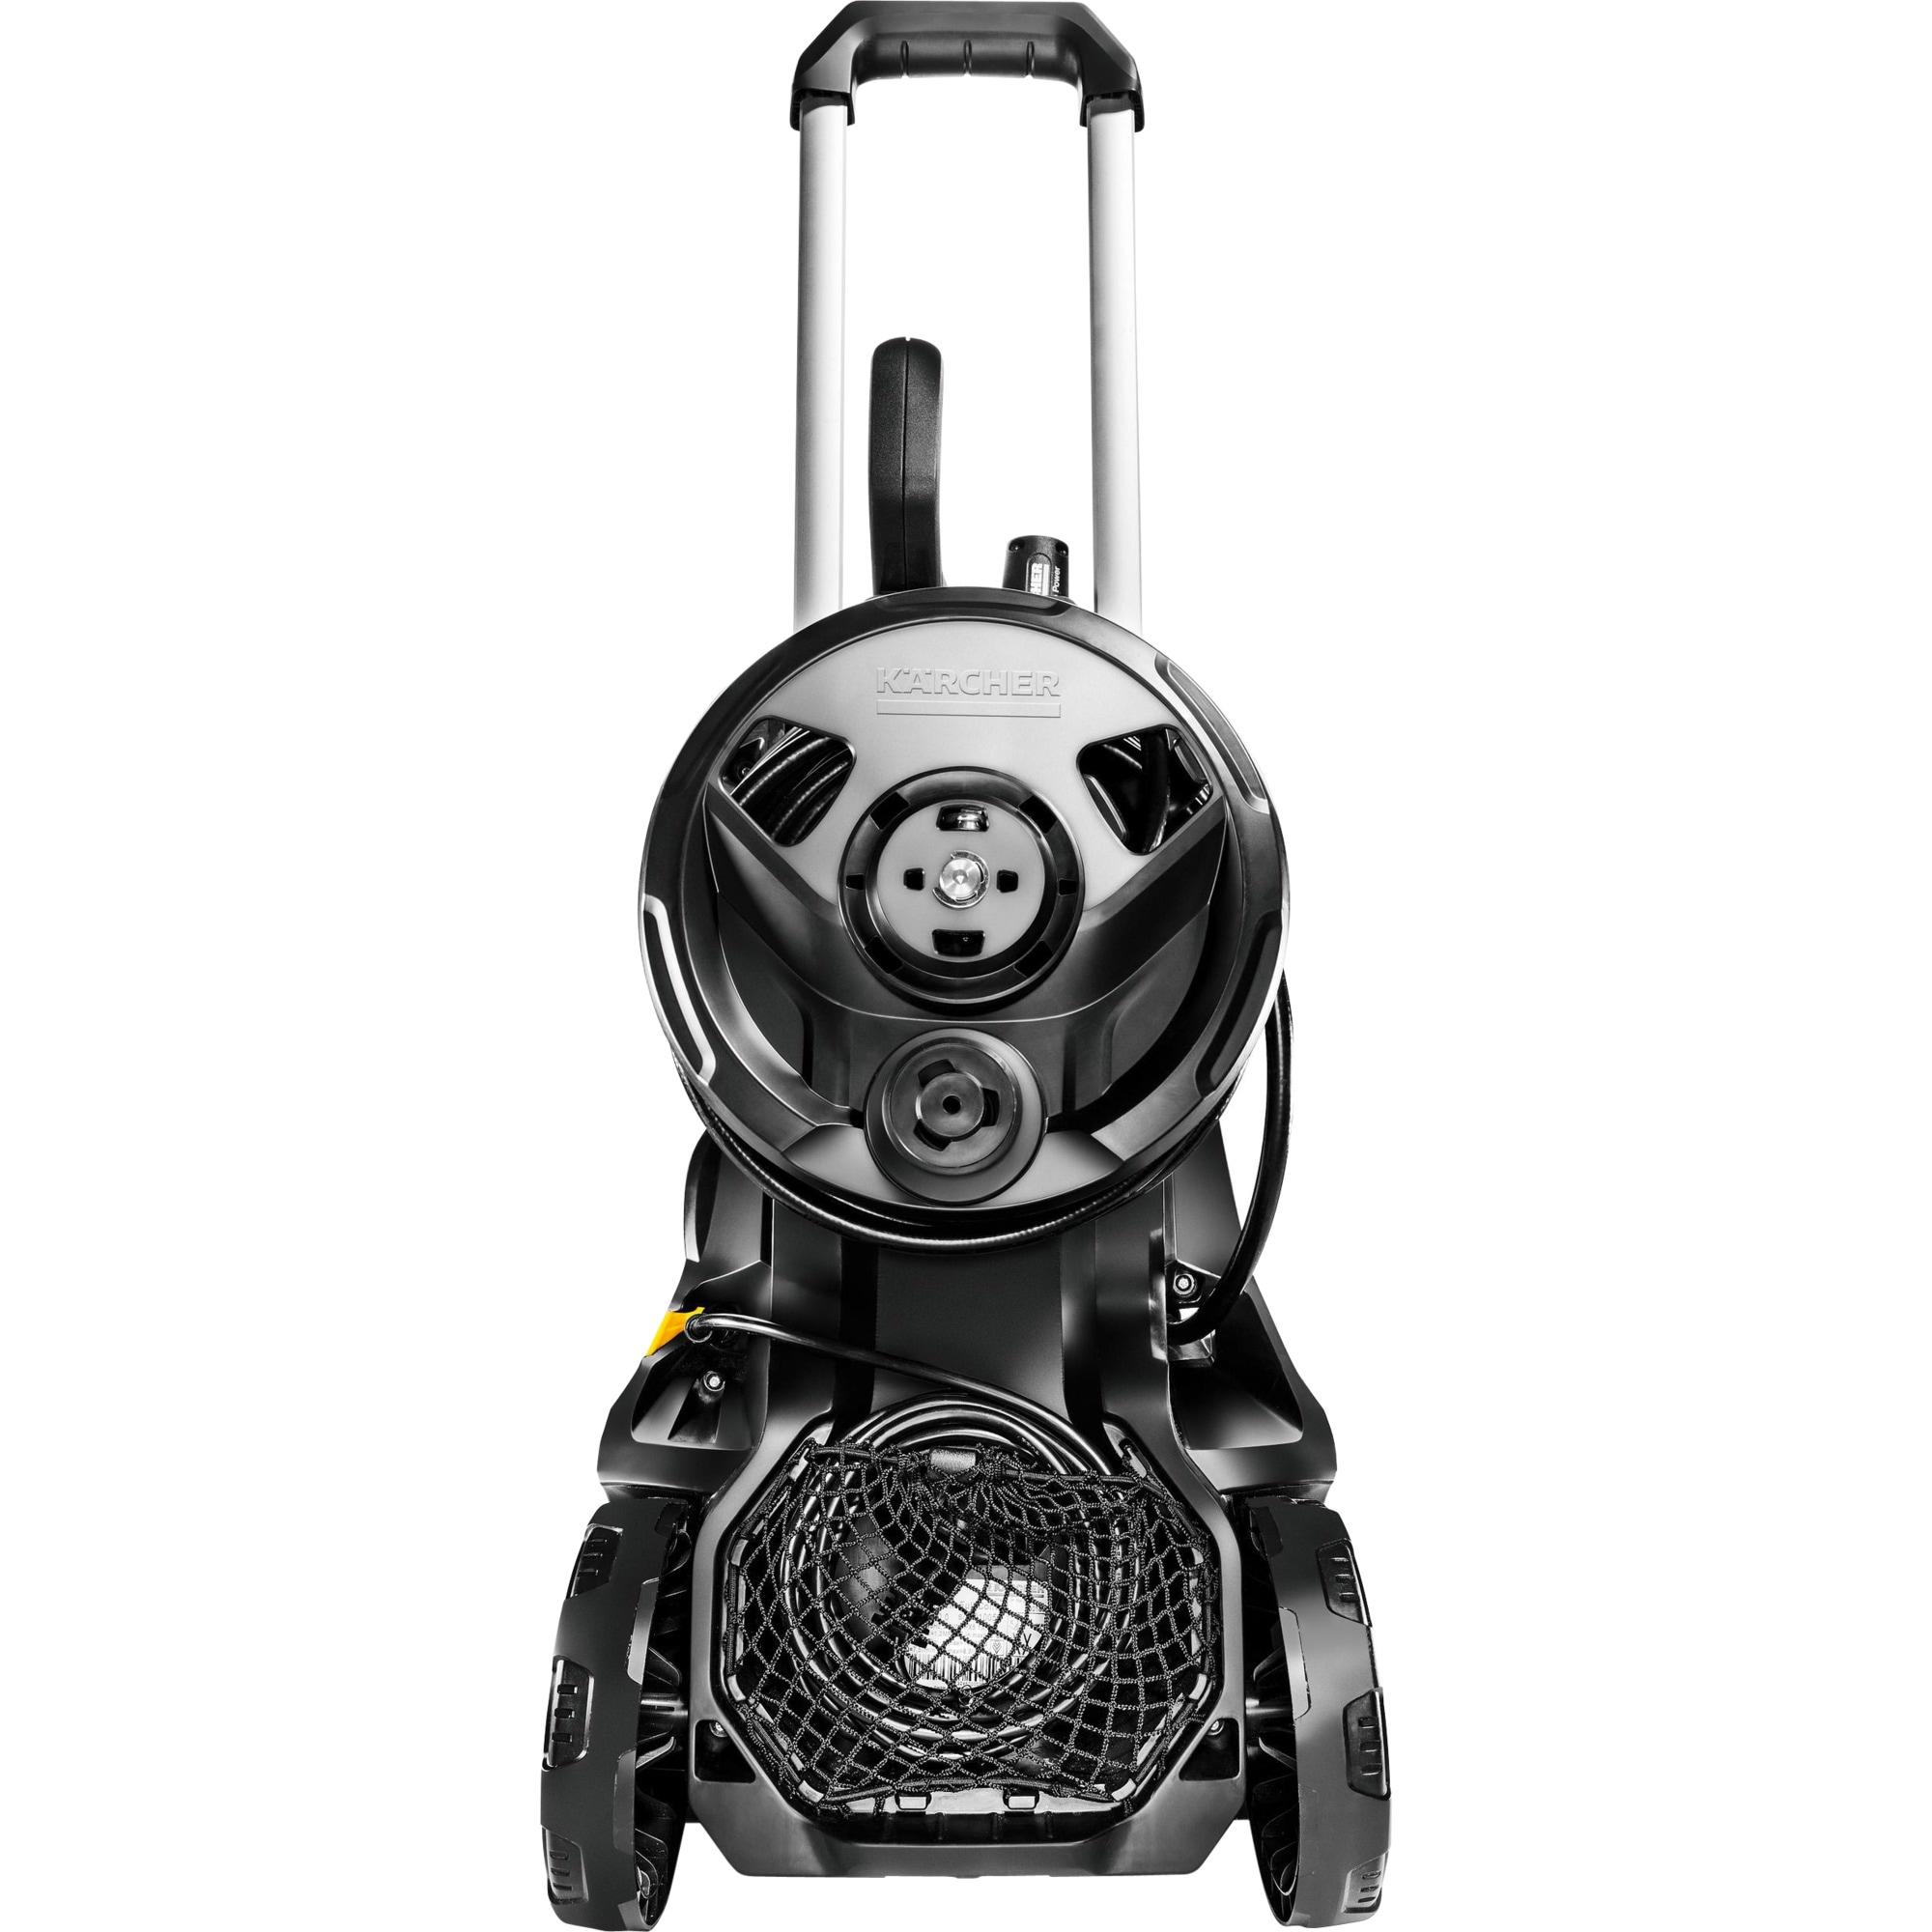 Kärcher Hochdruckreiniger K4 Premium Full Control Home